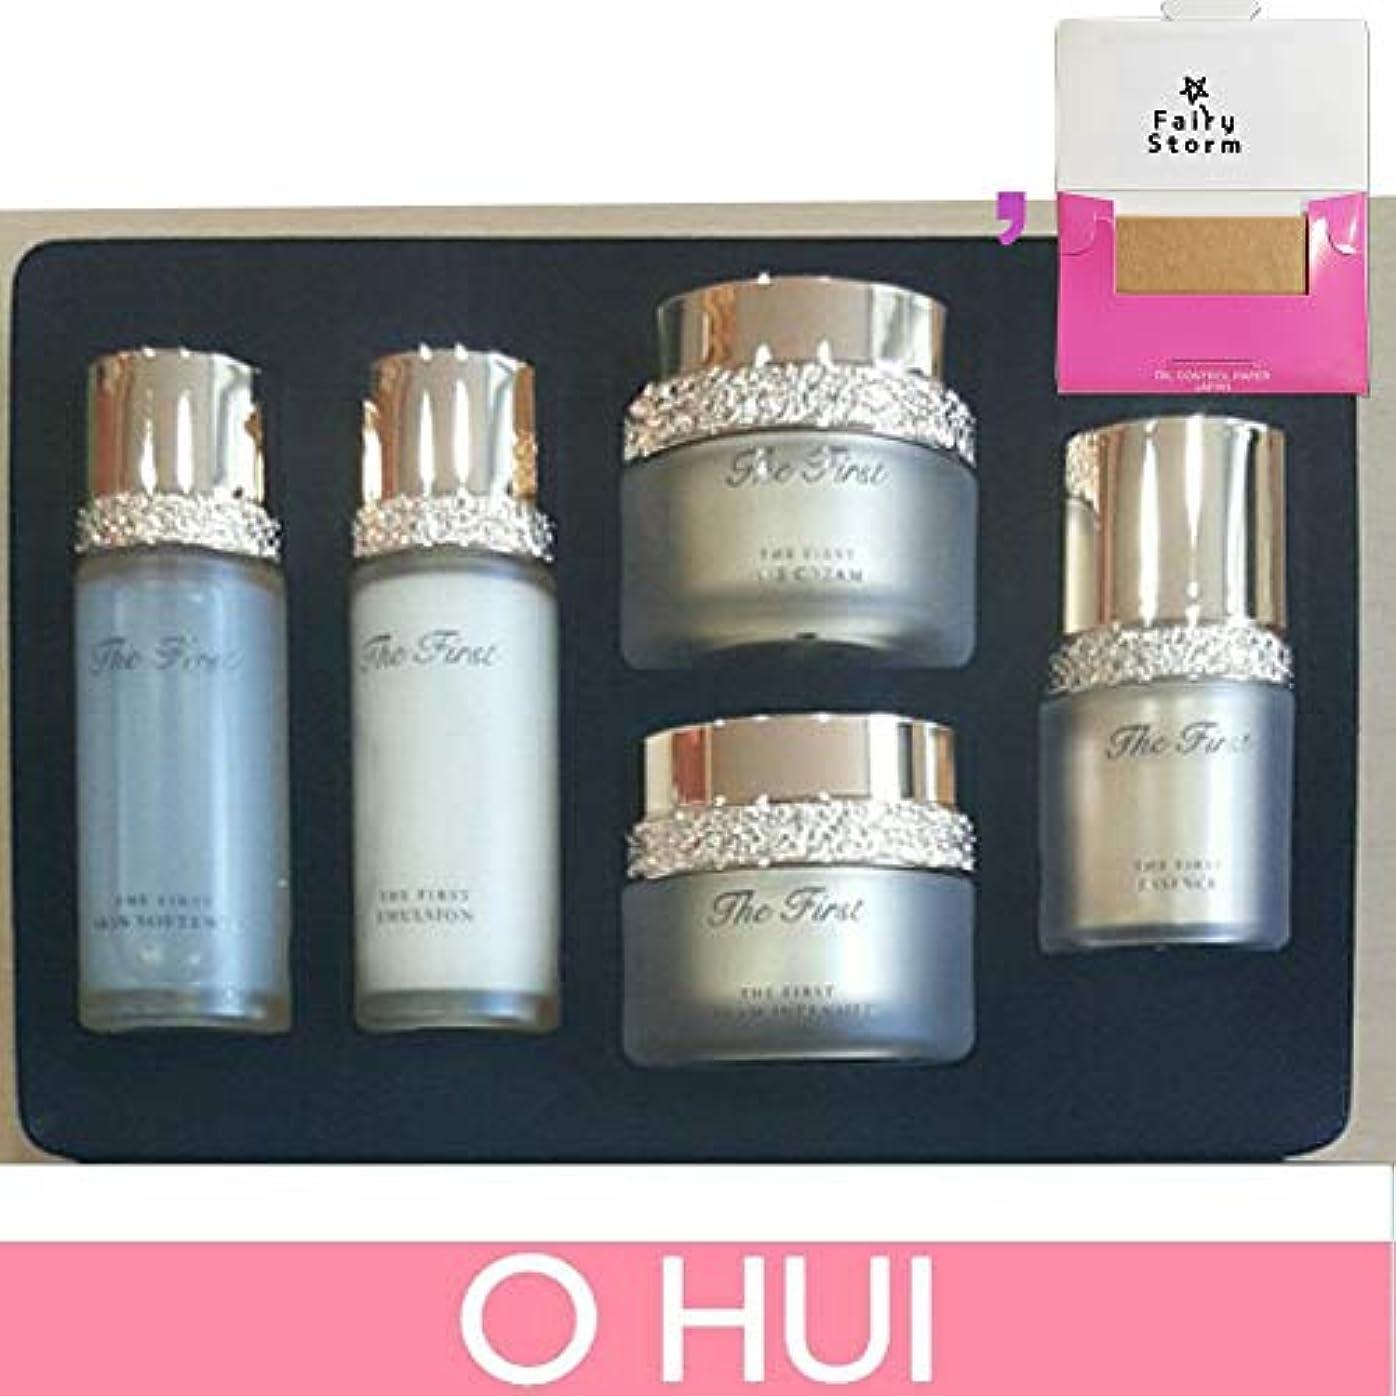 放置下品店員[オフィ/O HUI]韓国化粧品 LG生活健康/OHUI the First Cell Revolution 5pcs Special Kit Set + [Sample Gift](海外直送品)